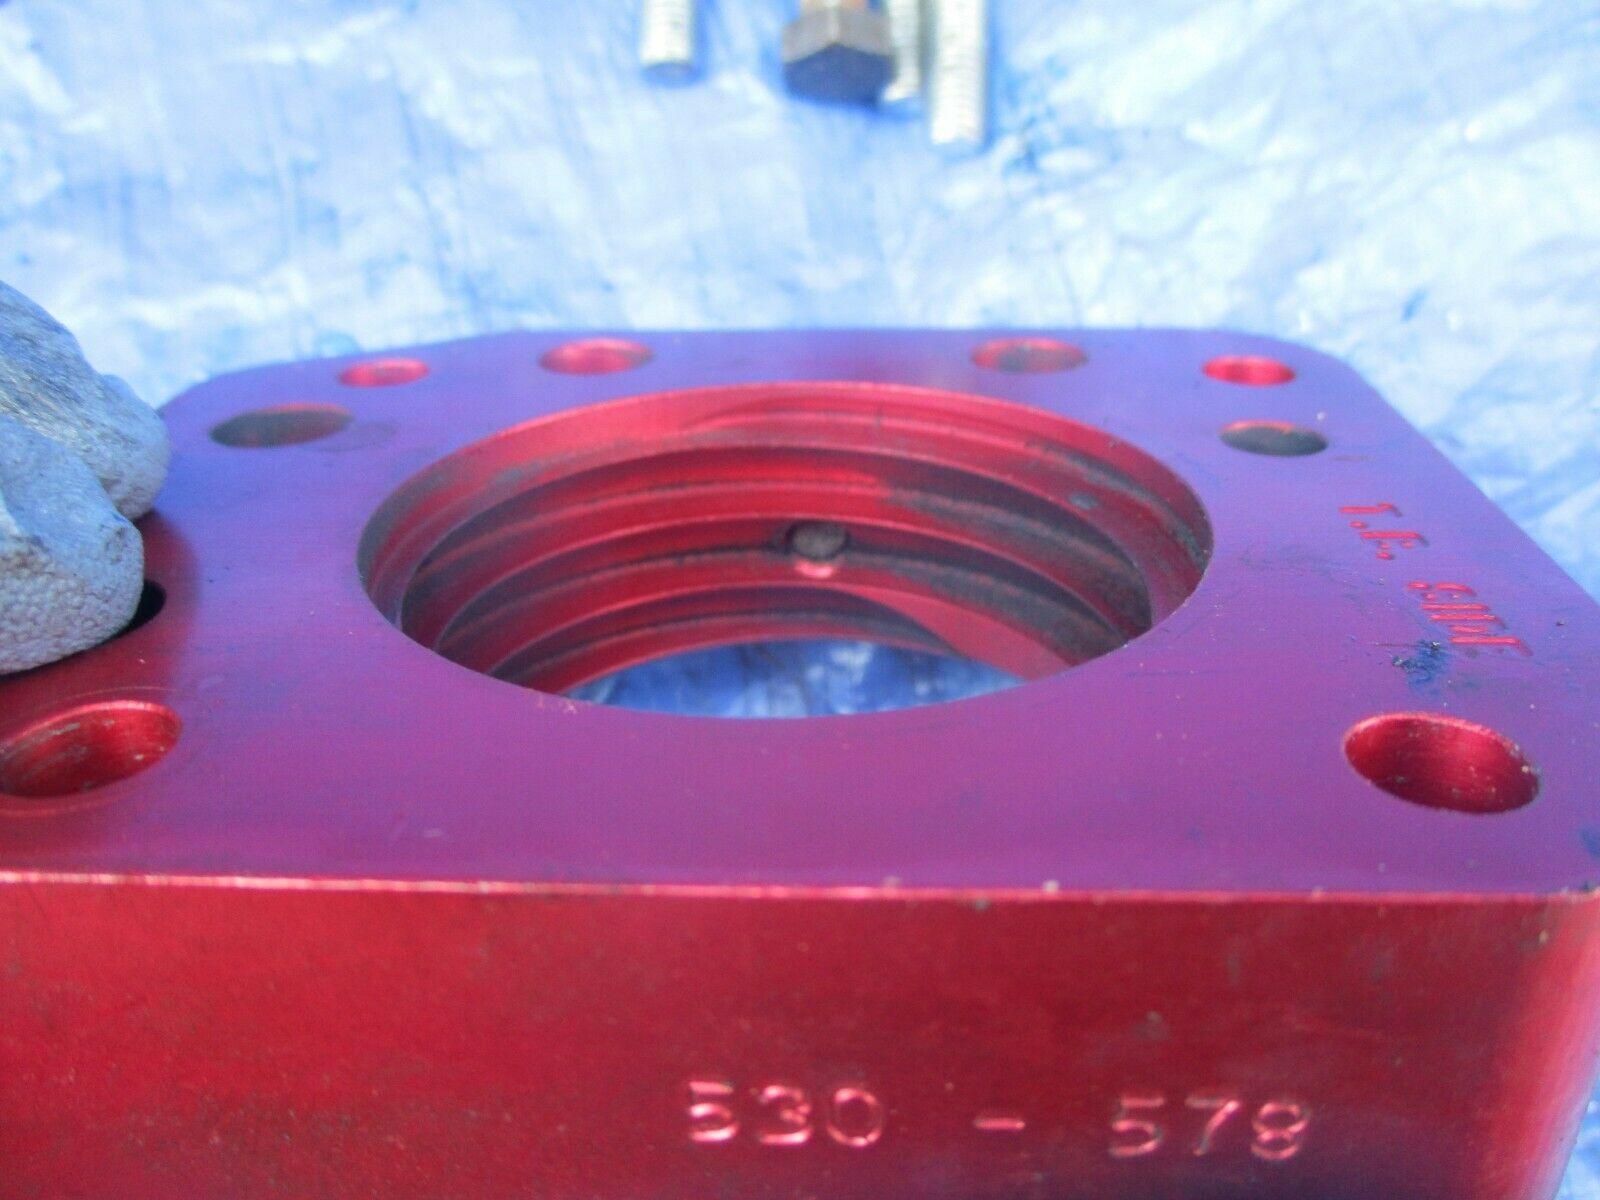 93-01 Honda Prelude H22A4 Airaid throttle body spacer Poweraid 530-578 H22 H22A